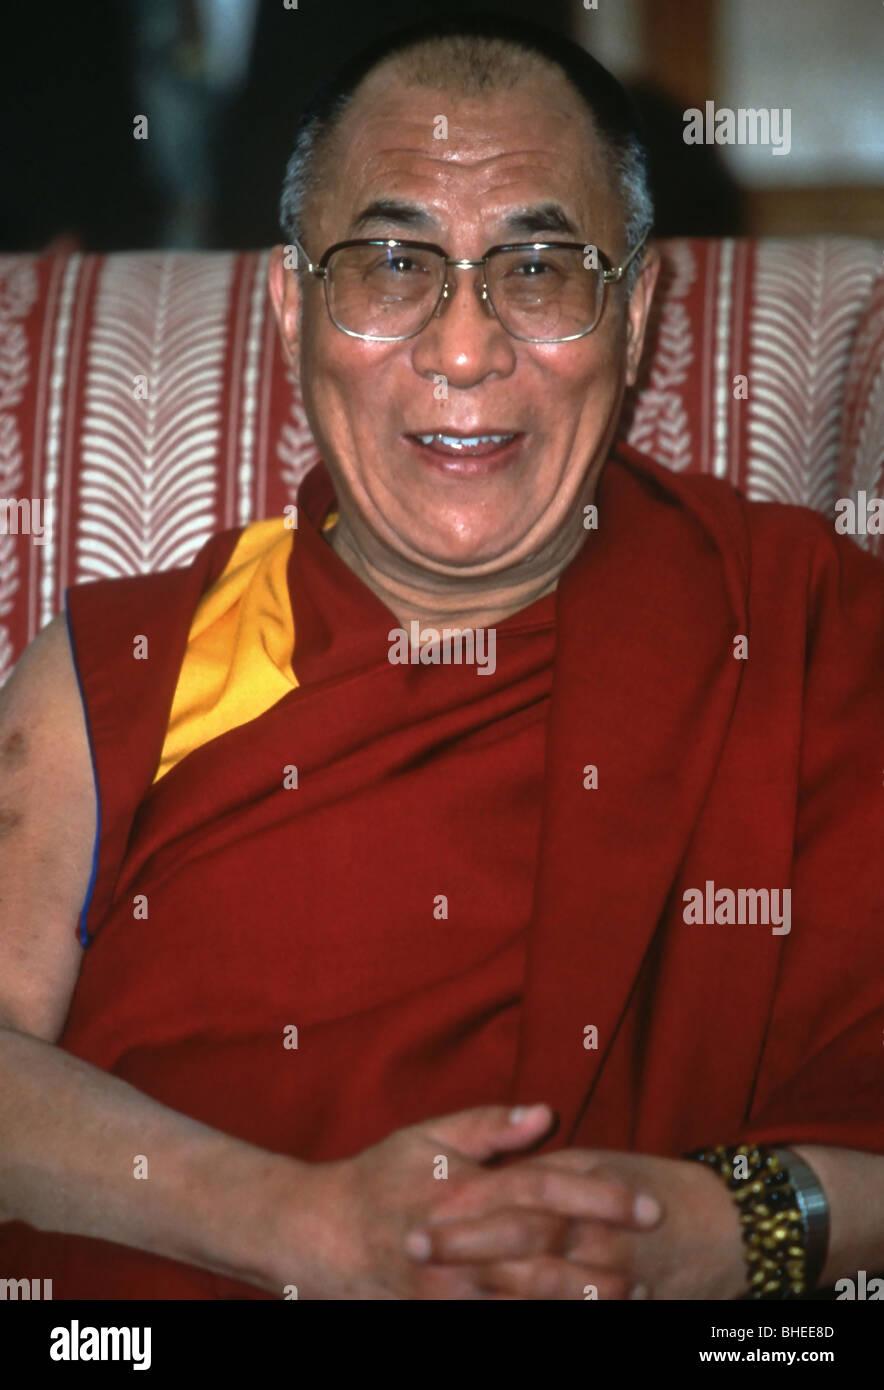 The Dalai Lama, spiritual leader of the Tibetan people during a visit to Washington April 4, 1997 in Washington, - Stock Image